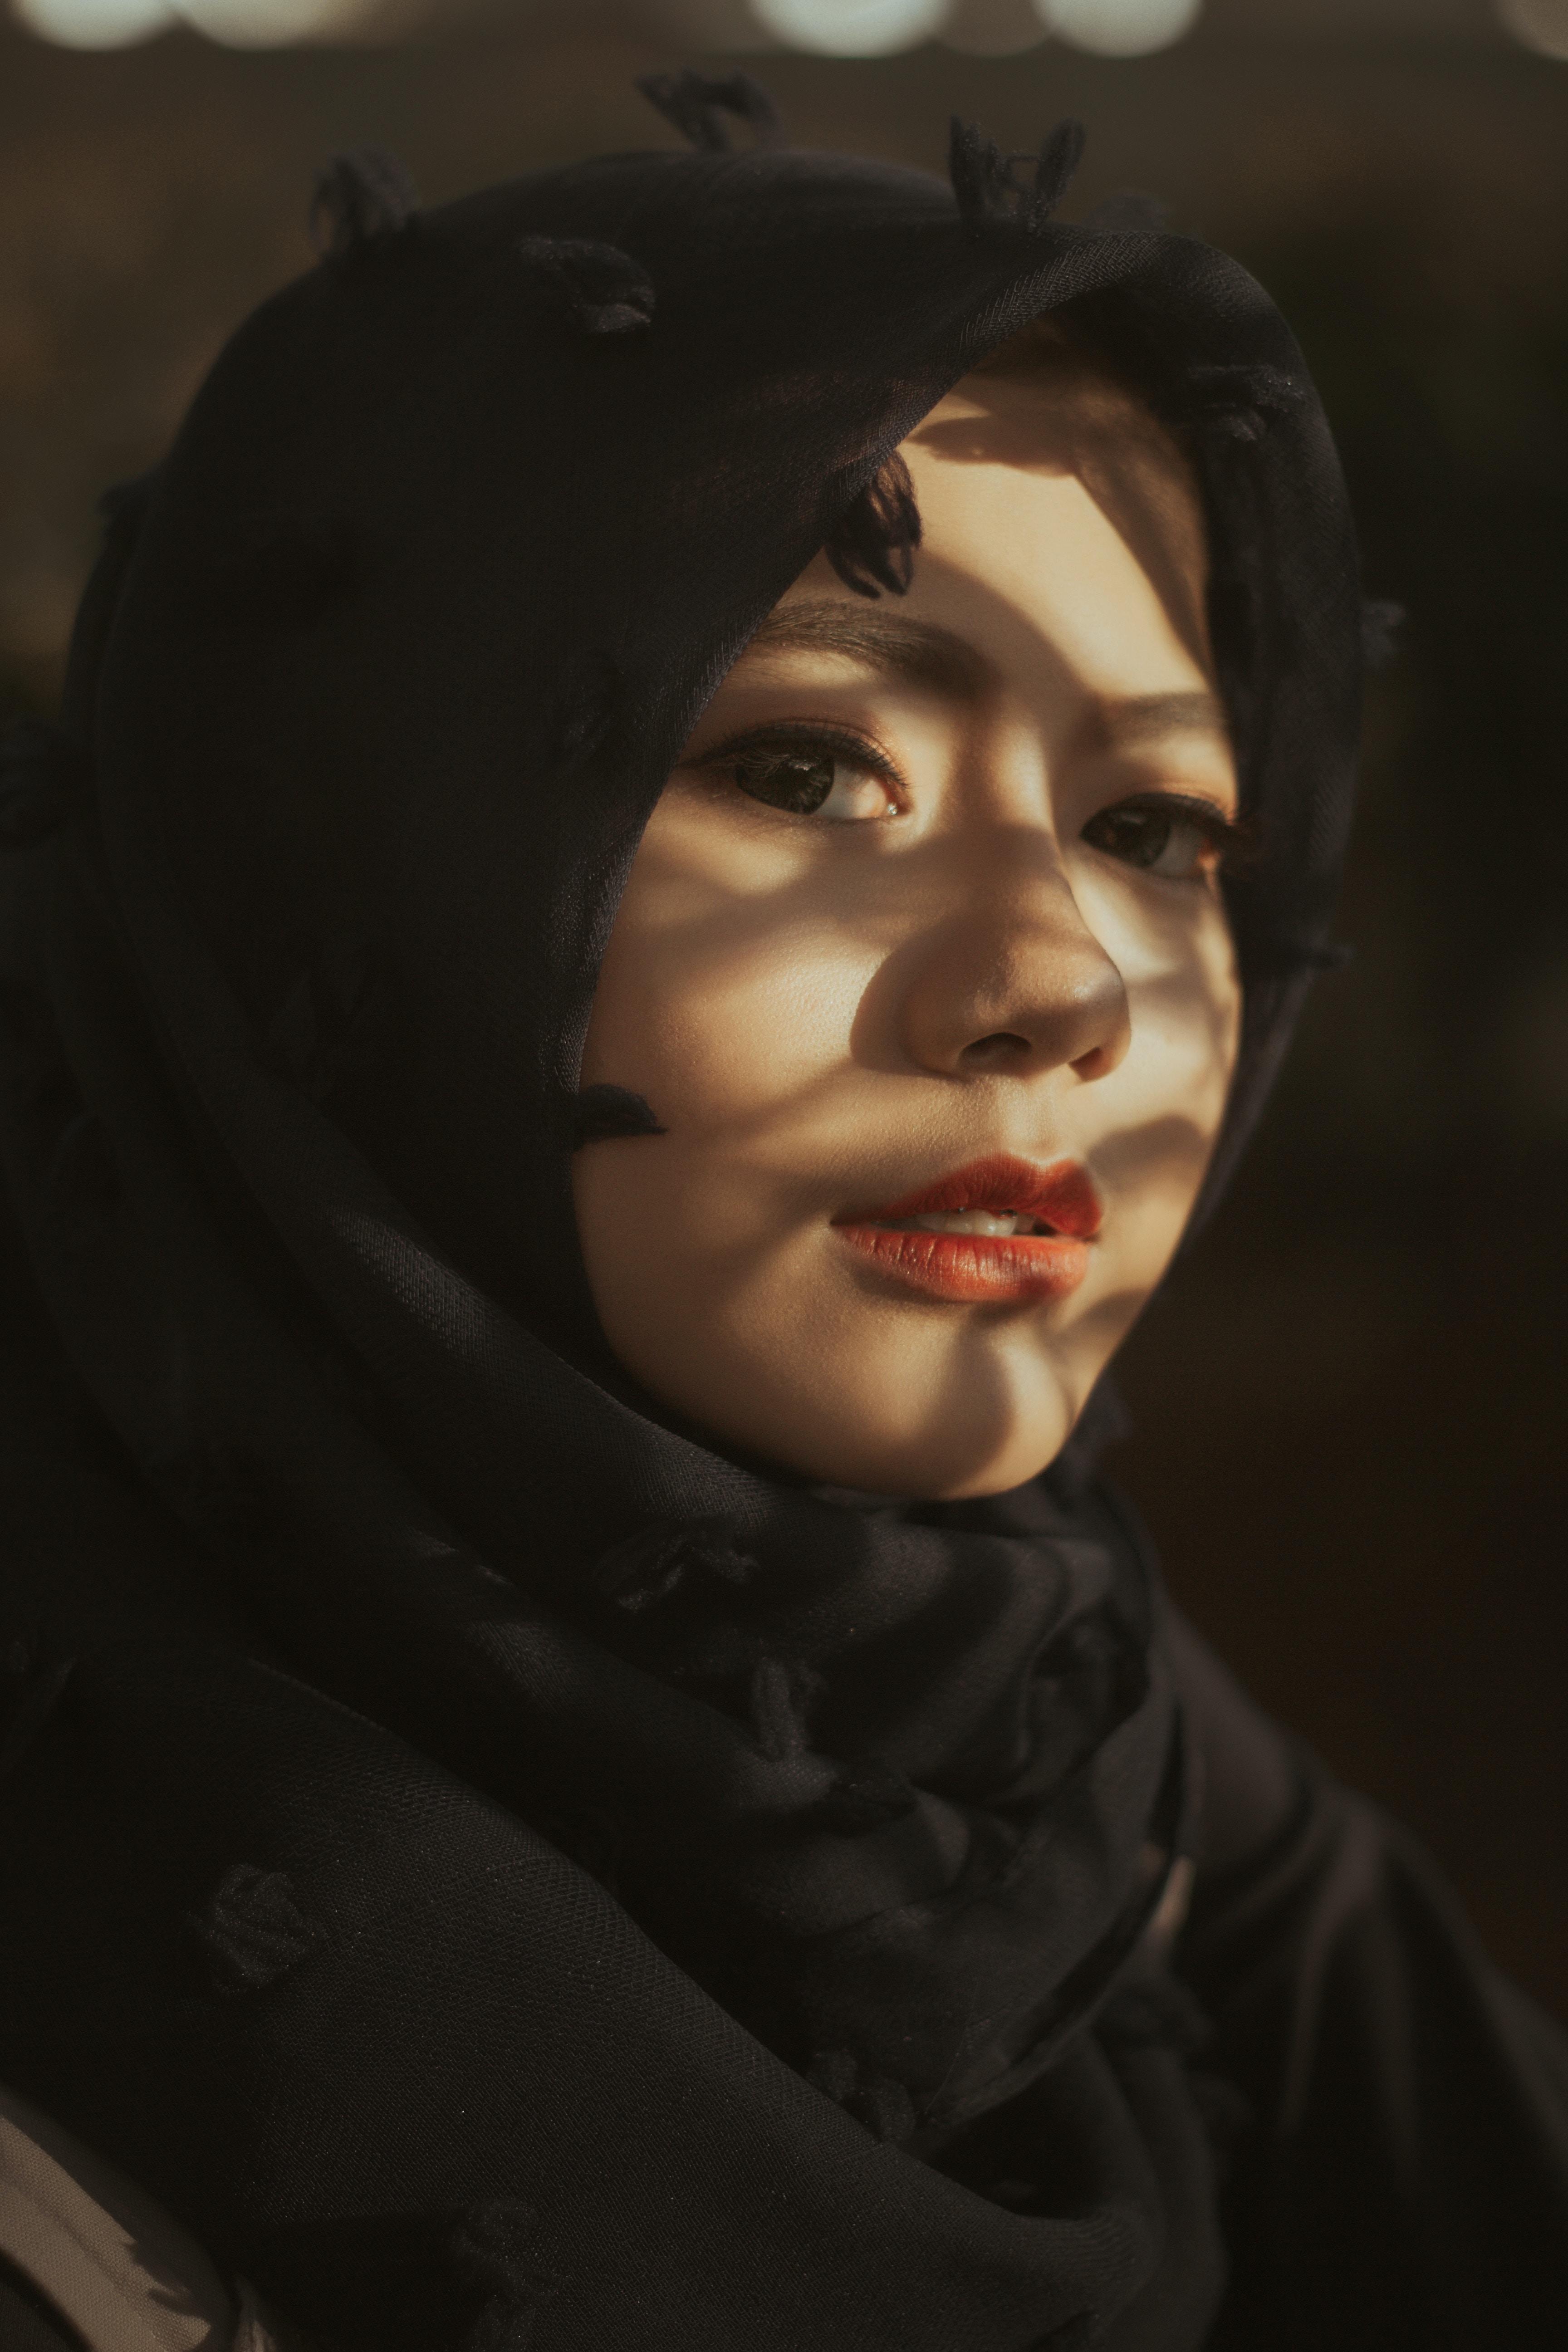 woman wearing black headscarf taking selfie